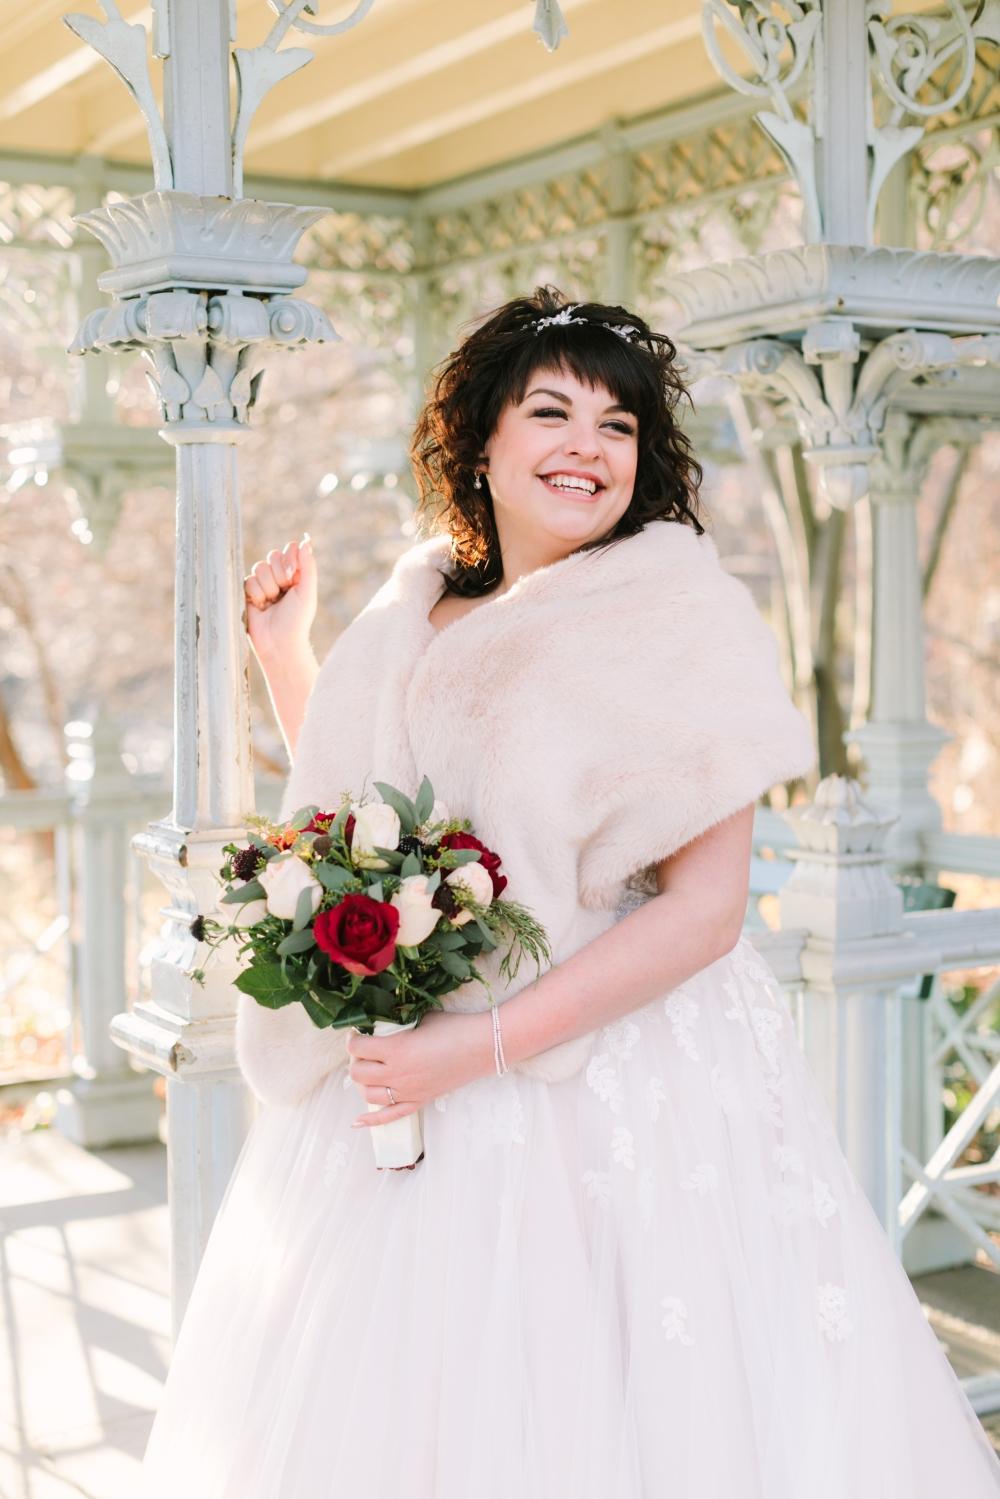 Central-park-wedding-JM-174